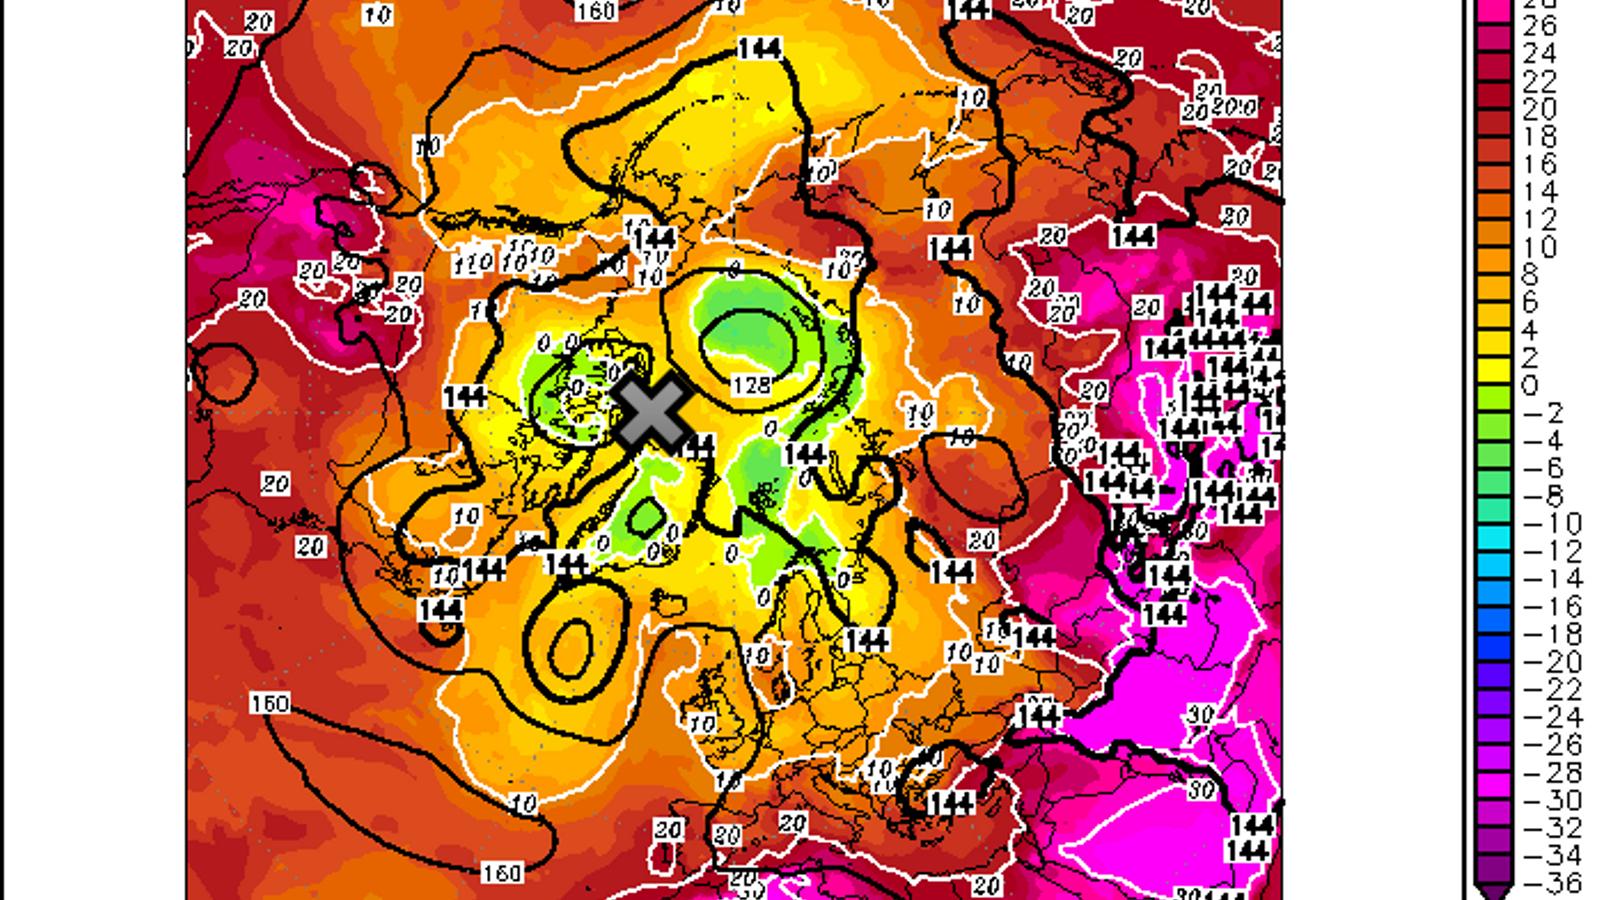 Anàlisi del model GFS de la temperatura a 850 hPa (uns 1500 metres d'altitud) del dia 14 de juliol a les 12 UTC. La localització d'Alert està marcada amb una 'X' grisa.